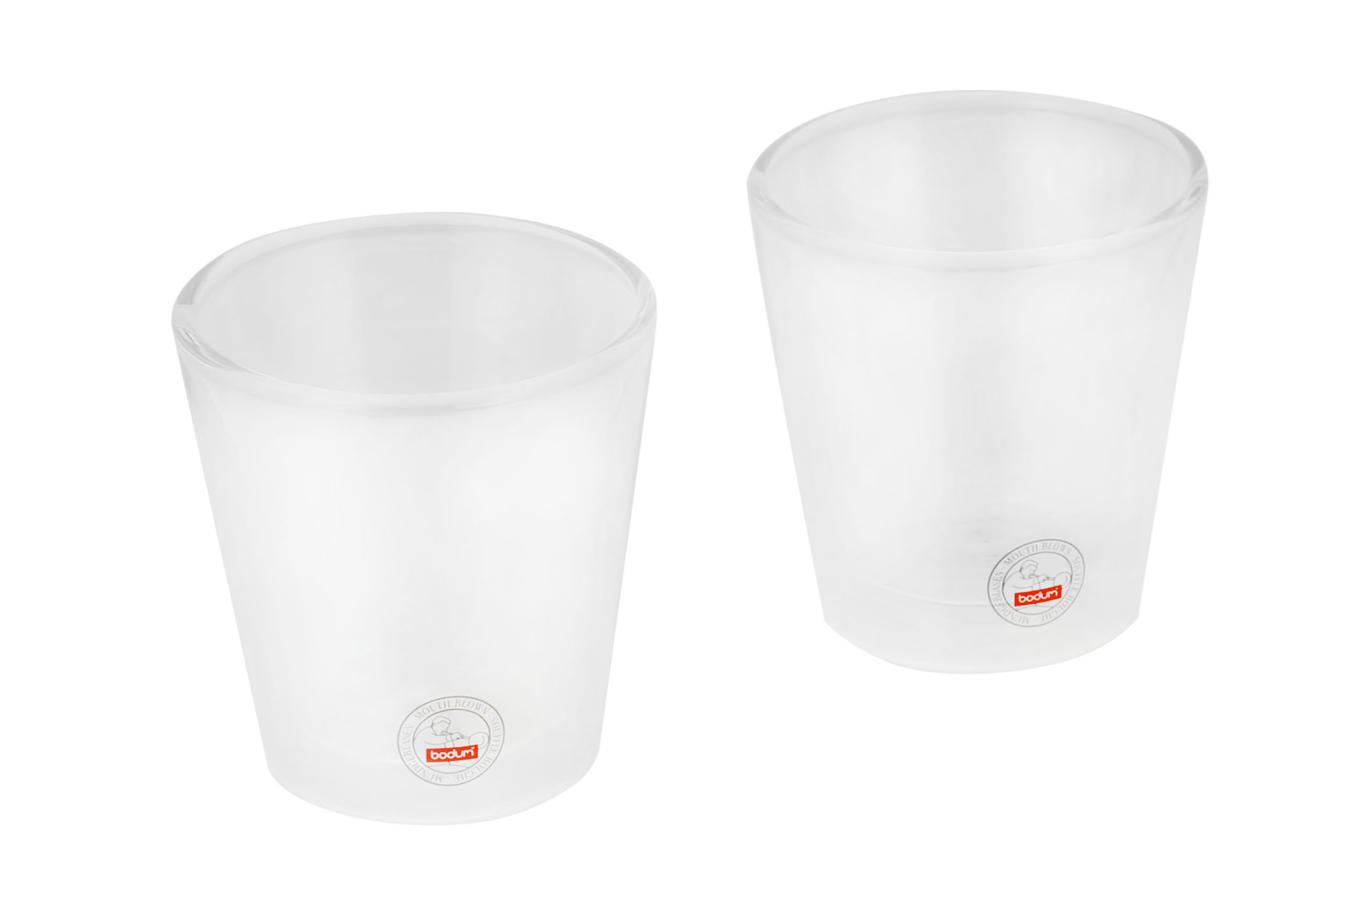 tasse bodum tasse verre 10 cl x2 1276379 darty. Black Bedroom Furniture Sets. Home Design Ideas